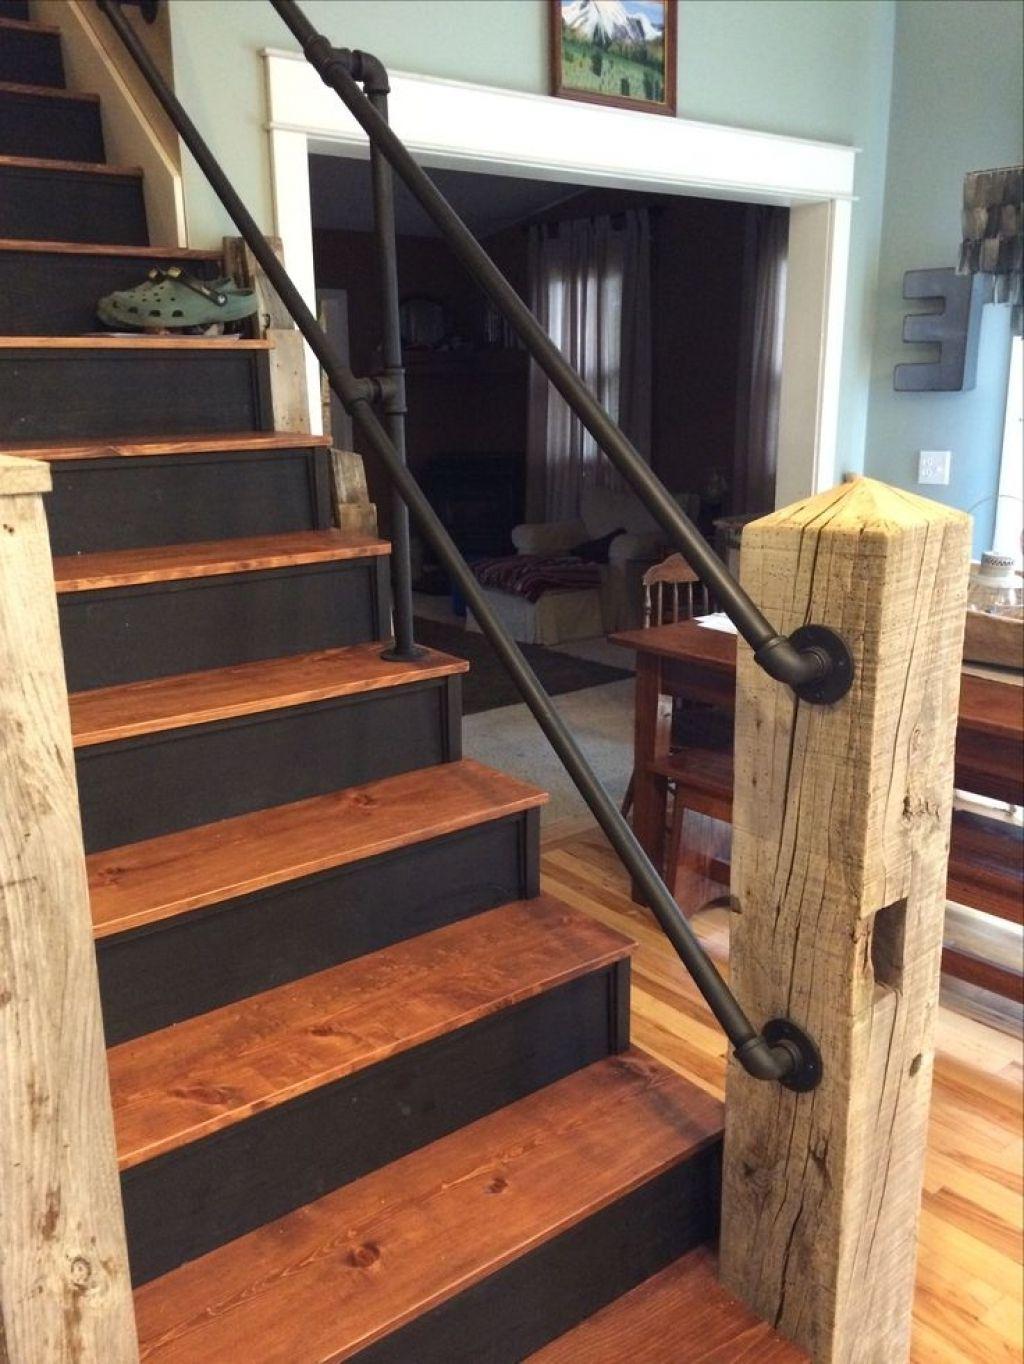 Diy Stair Railing Kits   Biocert   Diy stairs, Diy stair railing ...